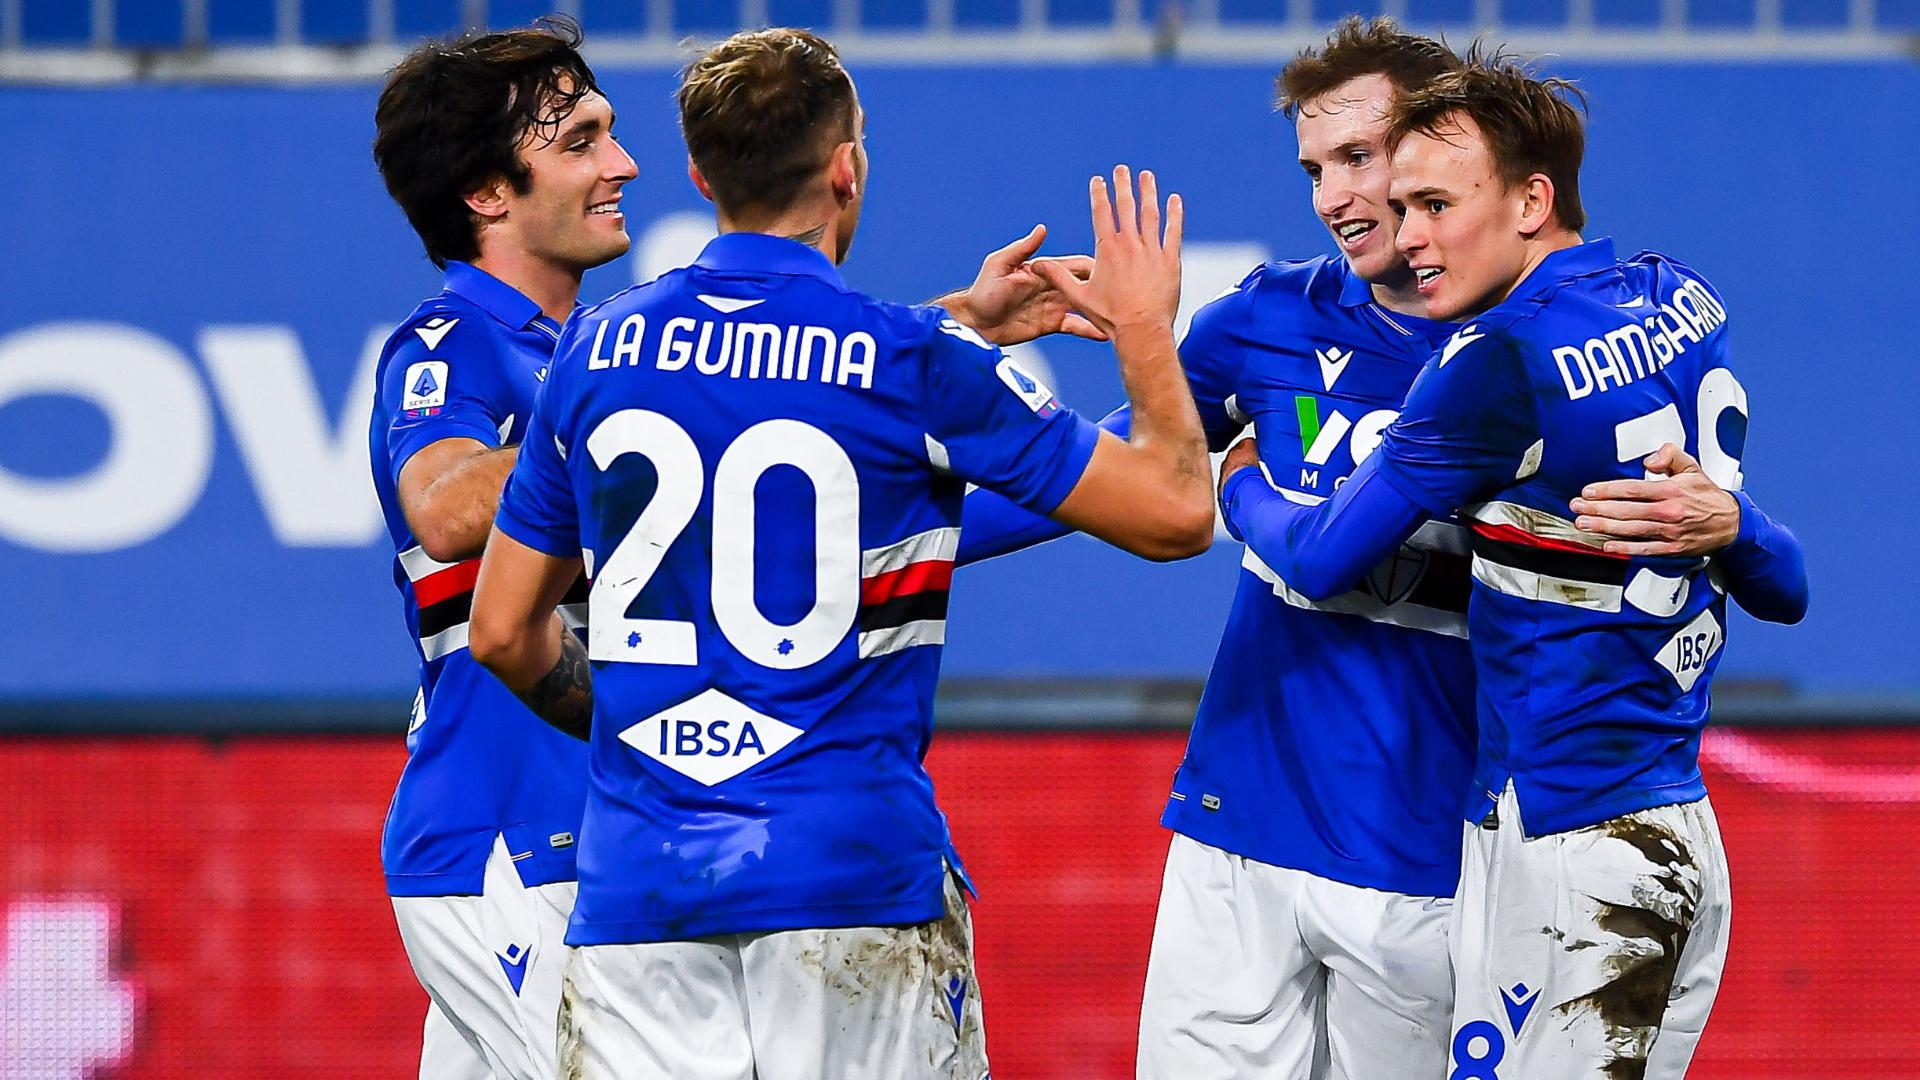 Sampdoria-Verona, le formazioni ufficiali: dentro La Gumina e Salcedo